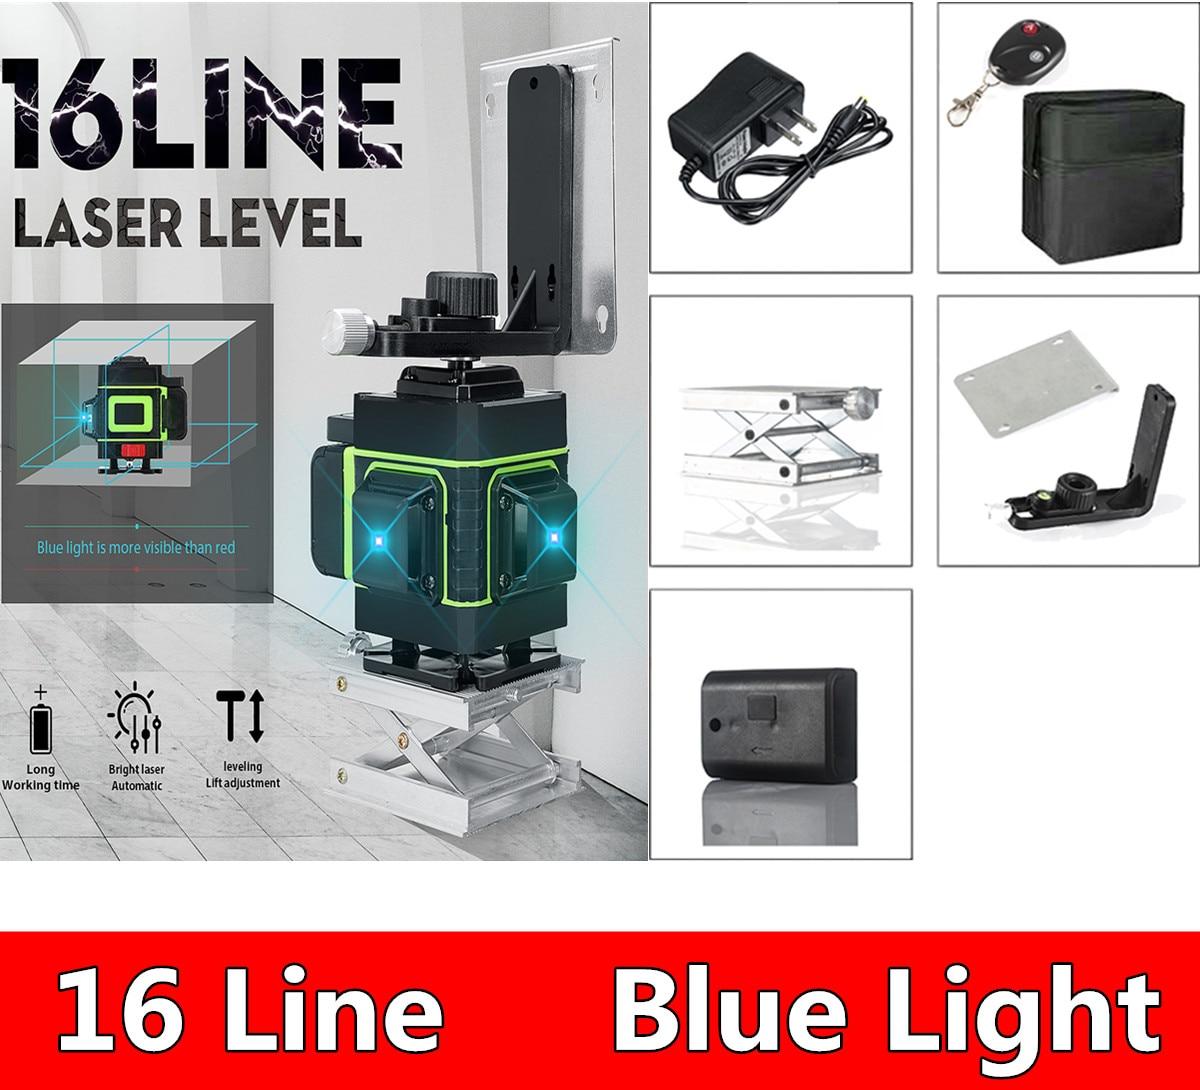 Портативный 16-линия 3D лазер формата Blue-Ray уровень Водонепроницаемый самостоятельно от производителя onlywheel в Китае (стандарты 360 градусов гор...